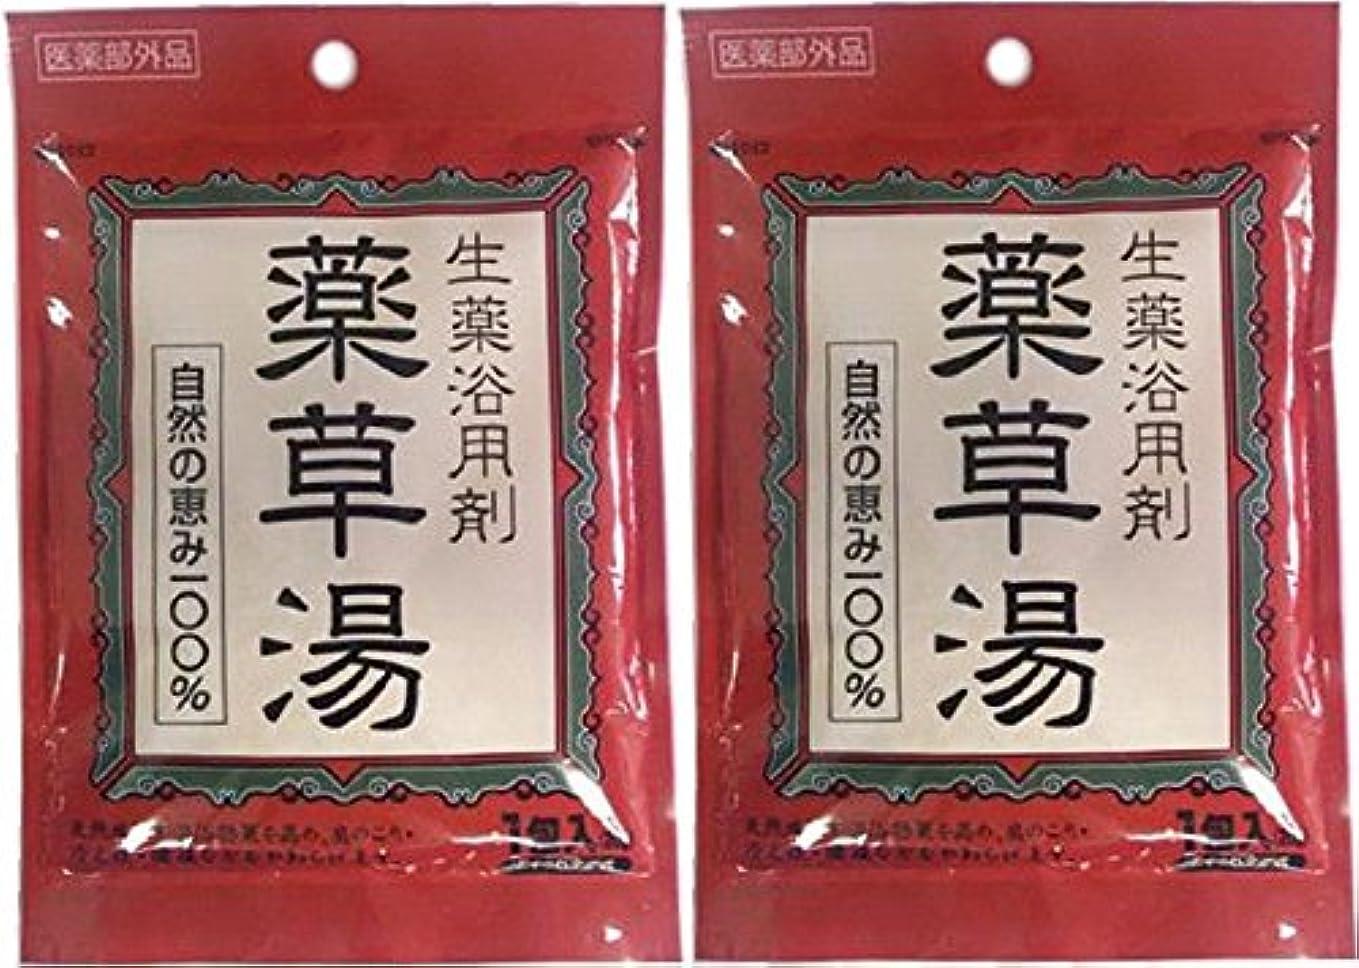 アカデミック自由シルク生薬浴用剤 薬草湯 1包入 x 2袋セット